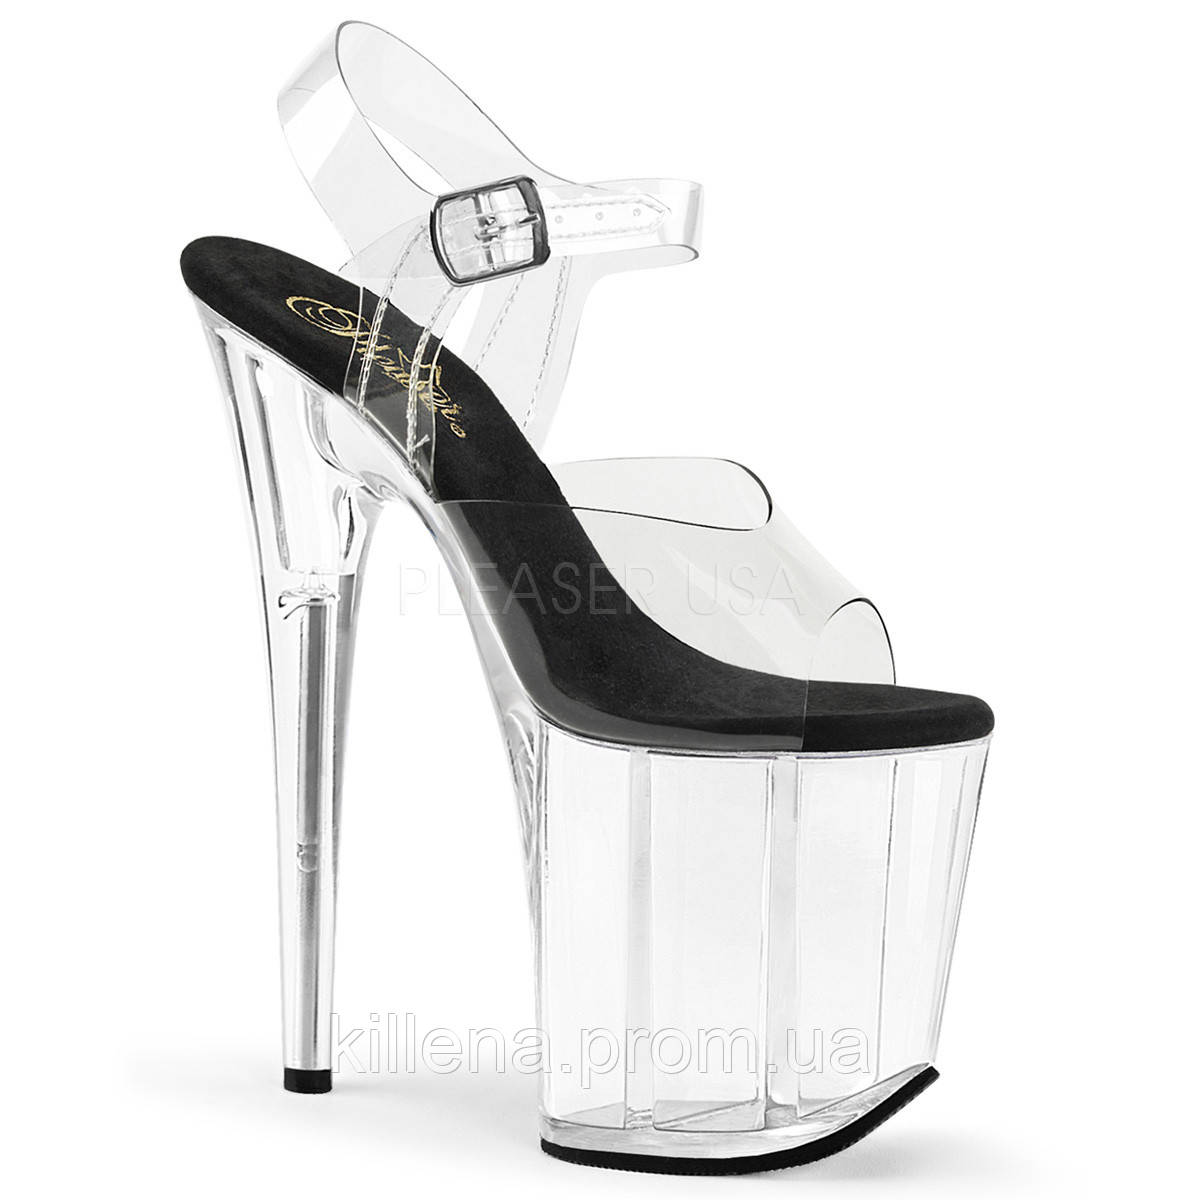 Пул дэнс обувь для стриптиза танцевальная обувь